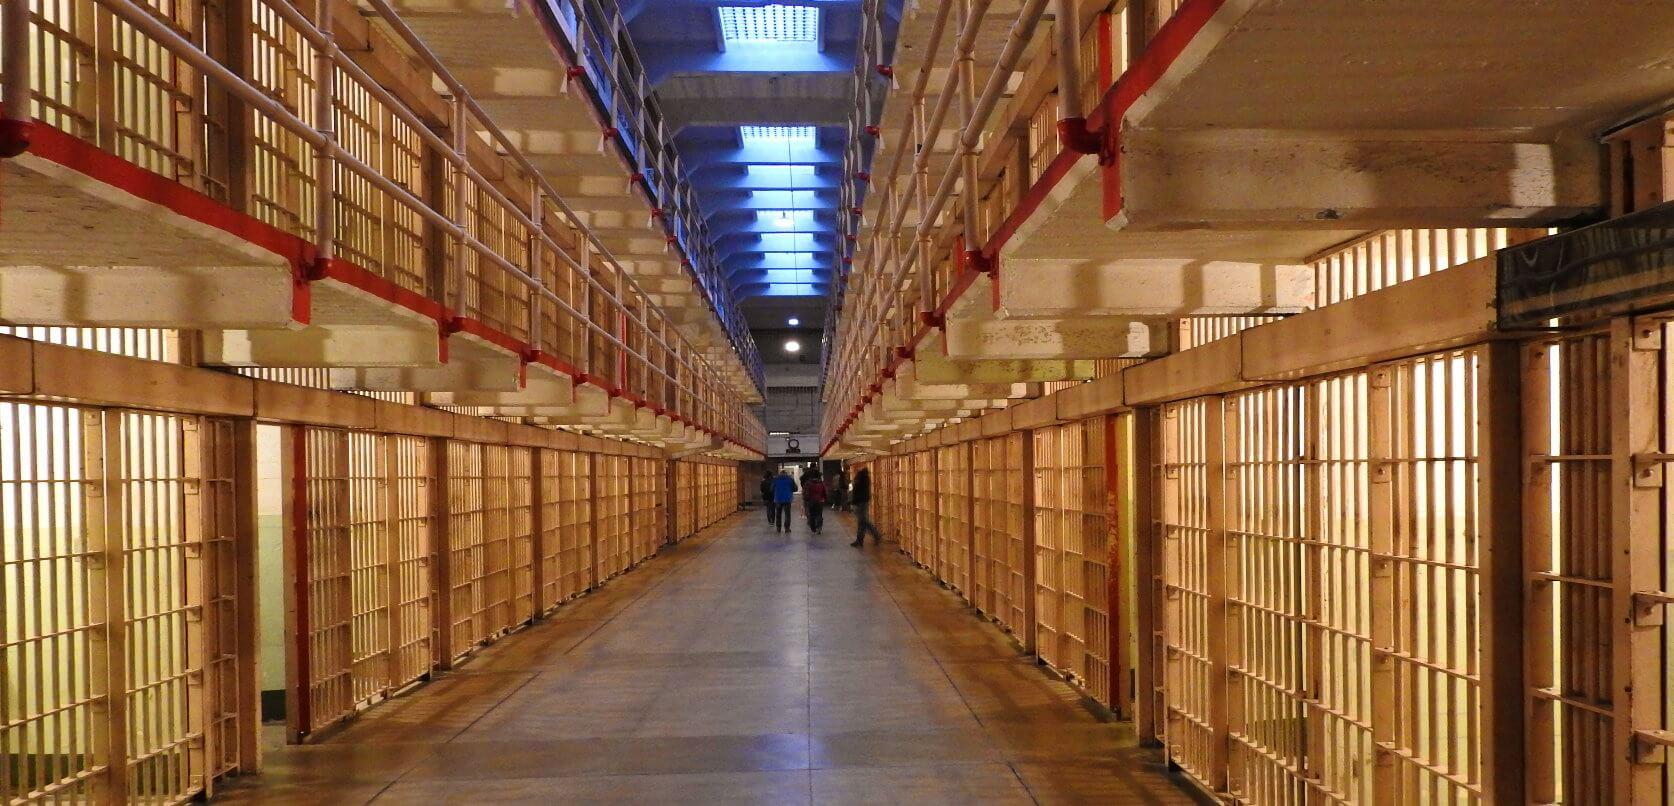 Visite-nocturne-d-Alcatraz-et-billets-pour-visiter-la-prison-sanfrancisco